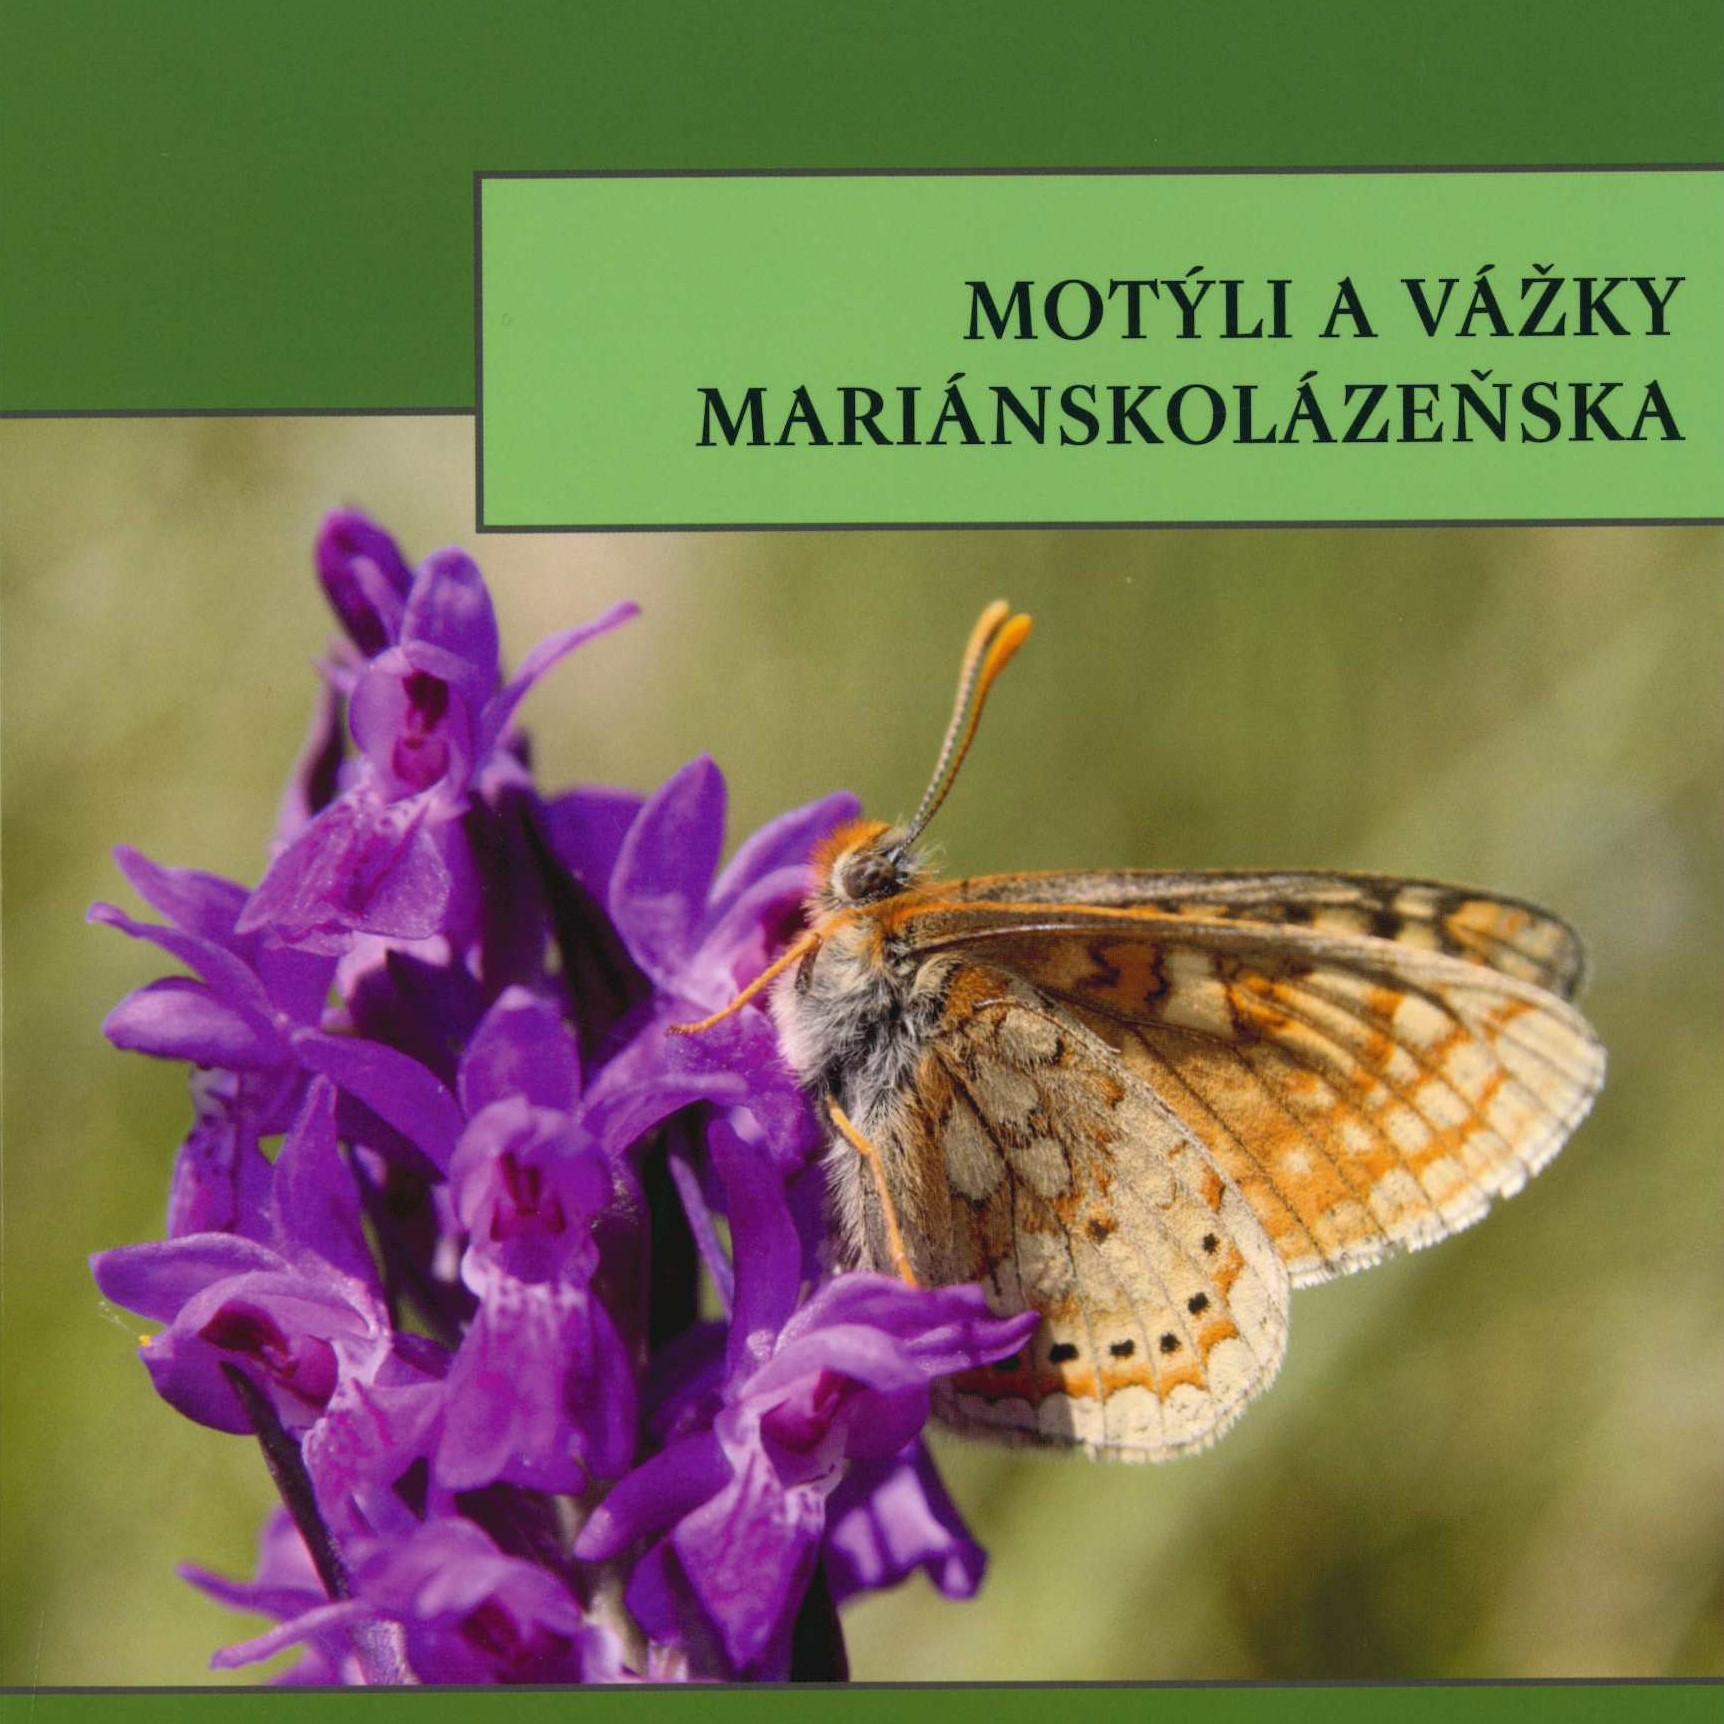 Motýli a vážky Mariánskolázeňska